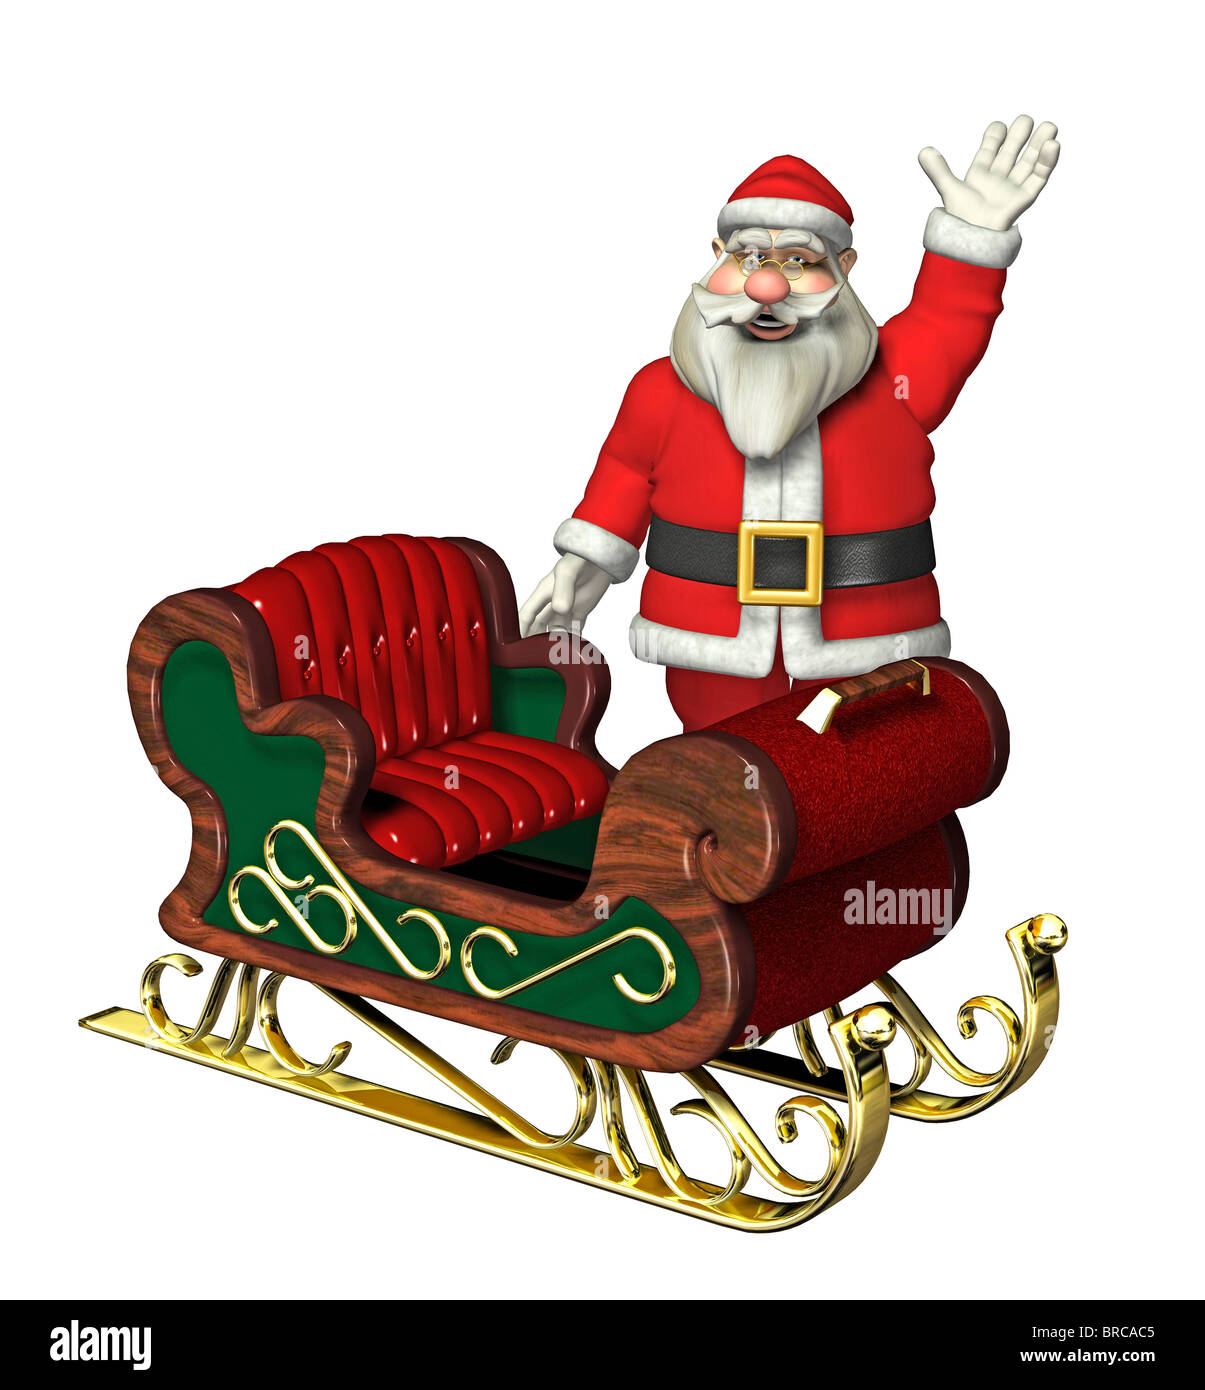 Weihnachtsmann mit Rentier-Schlitten Stockbild